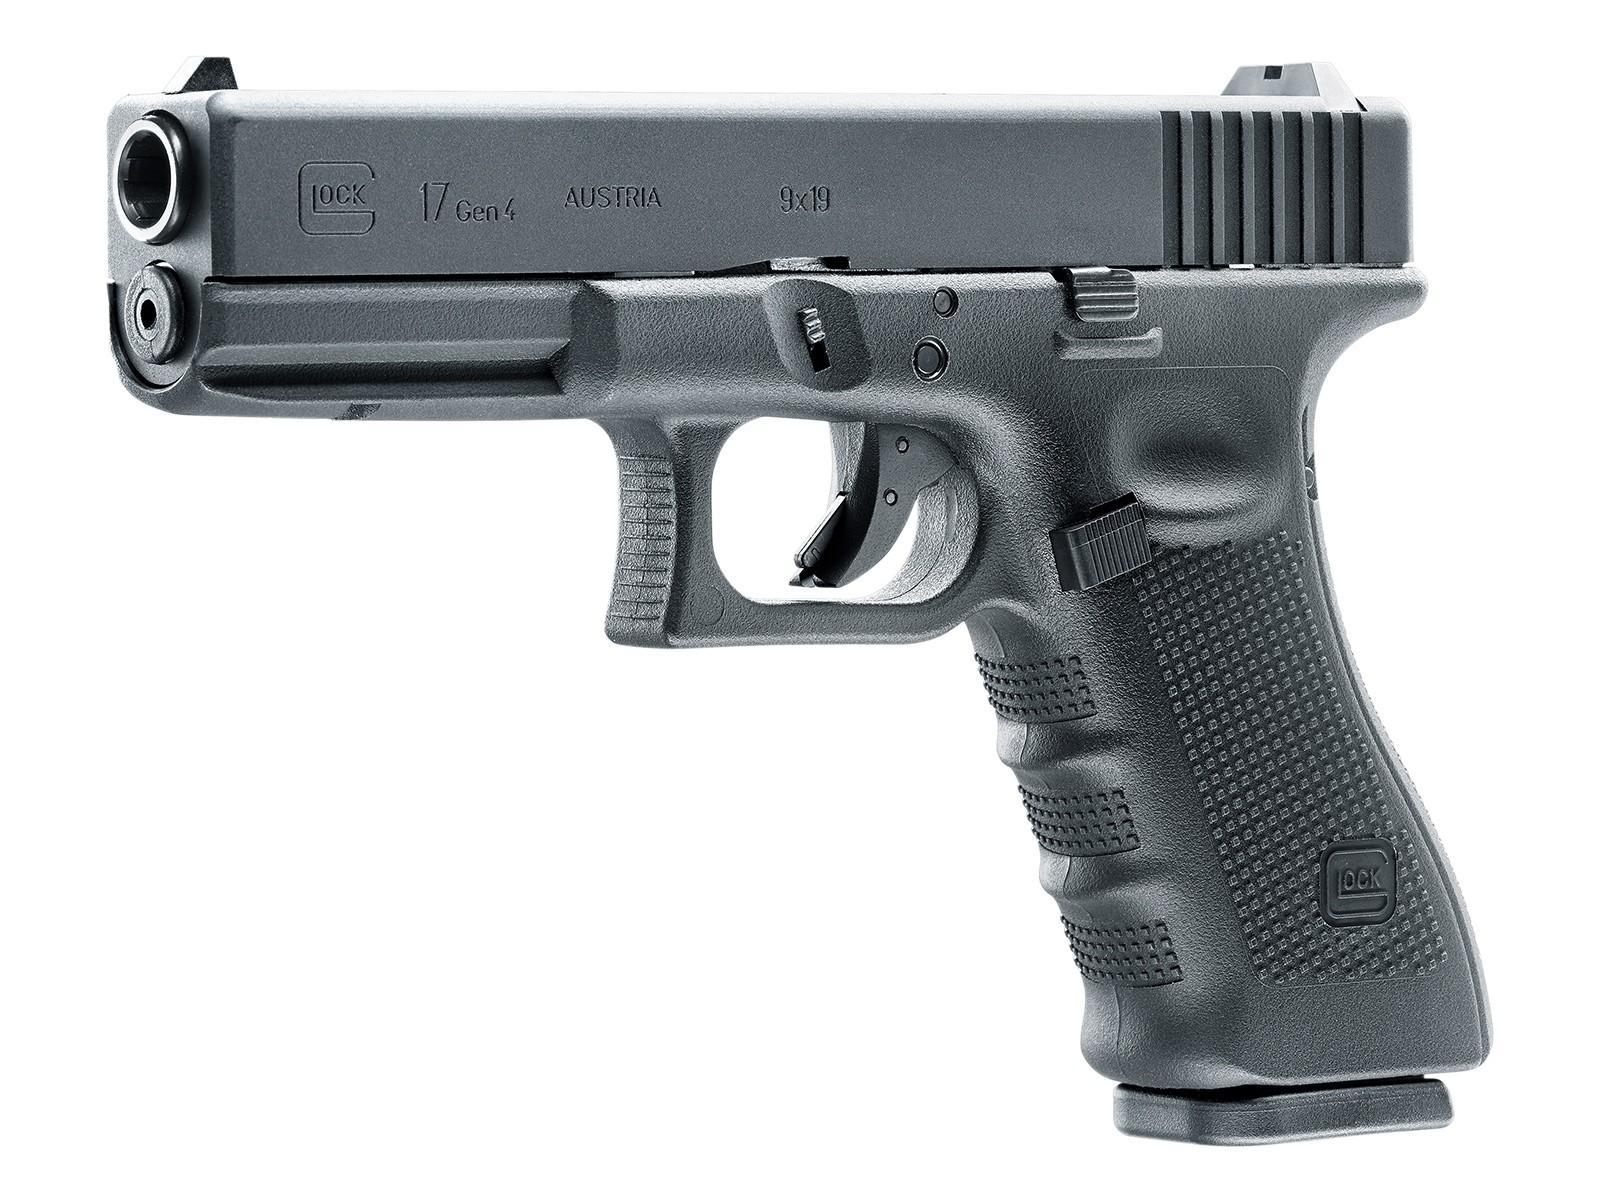 Cheap Umarex Glock 17 Gen4 CO2 Blowback .177 BB Gun 0.177